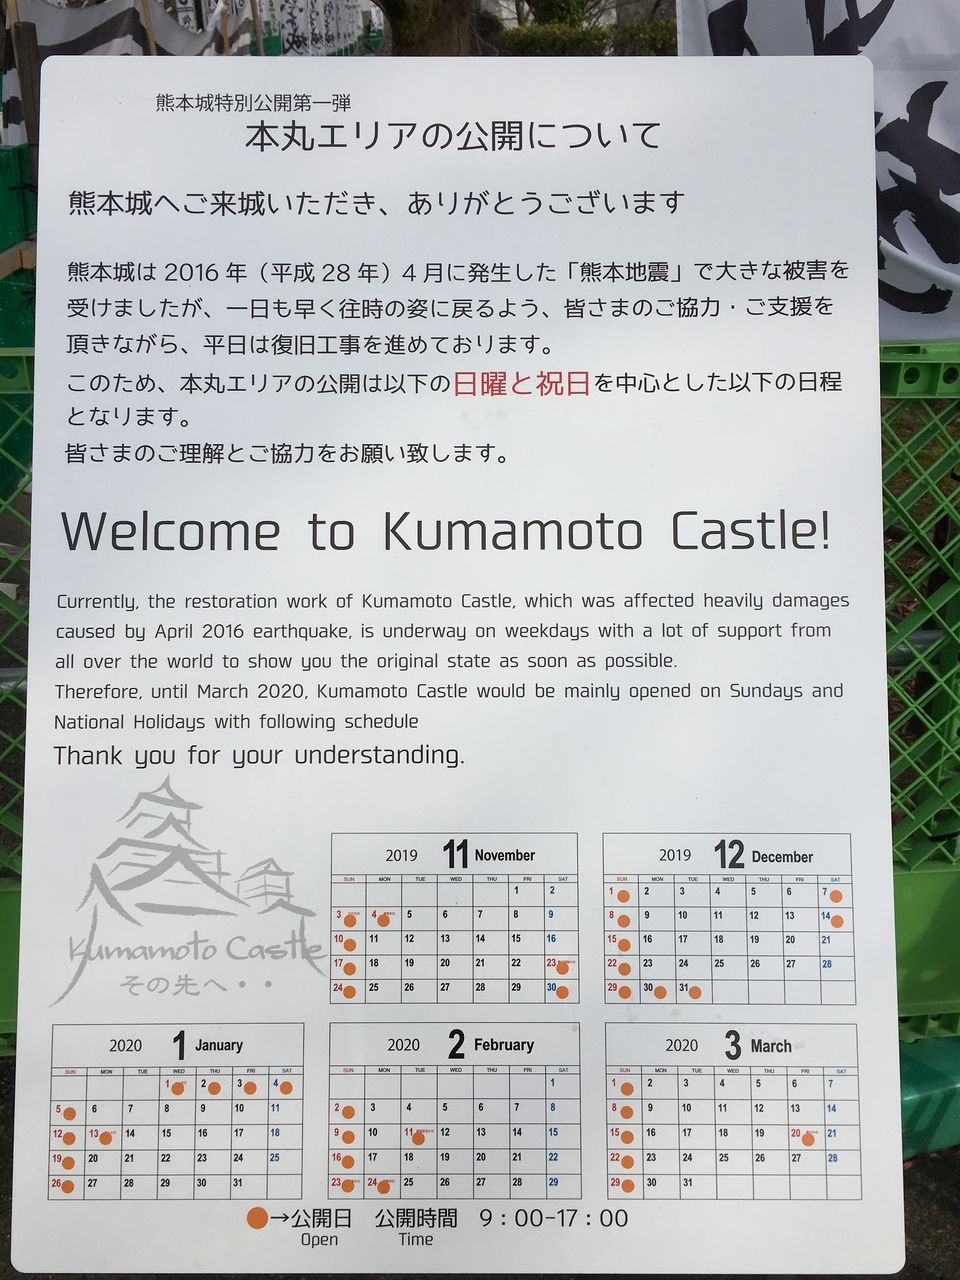 熊本城本丸エリアの公開についての案内板